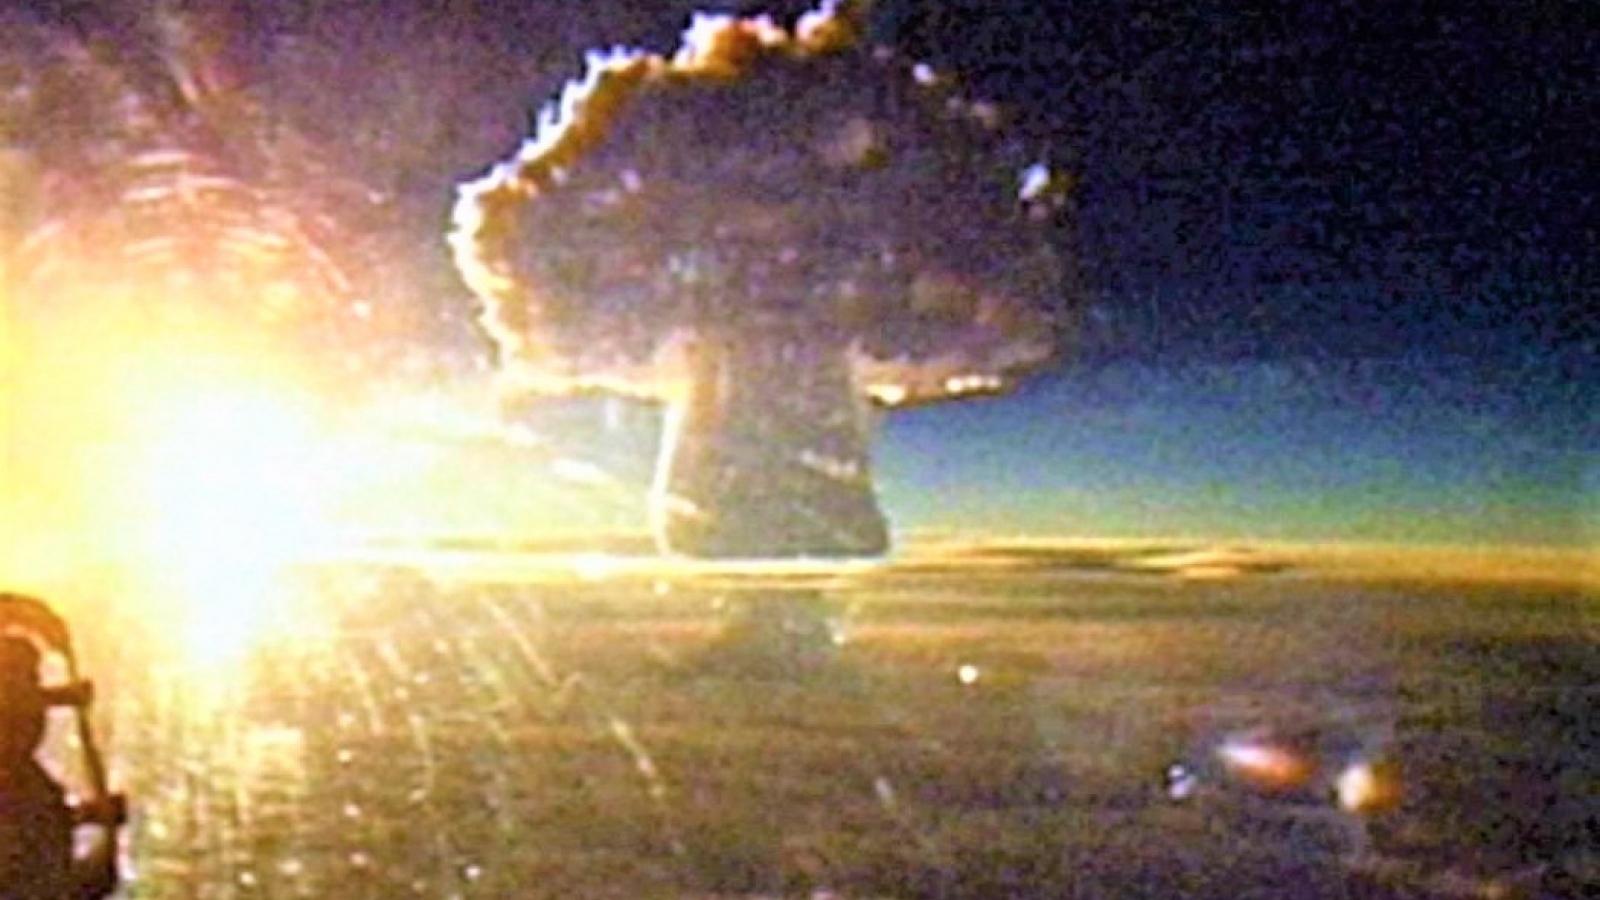 Hậu quả từ vụ kích nổ quả bom hạt nhân lớn nhất lịch sử